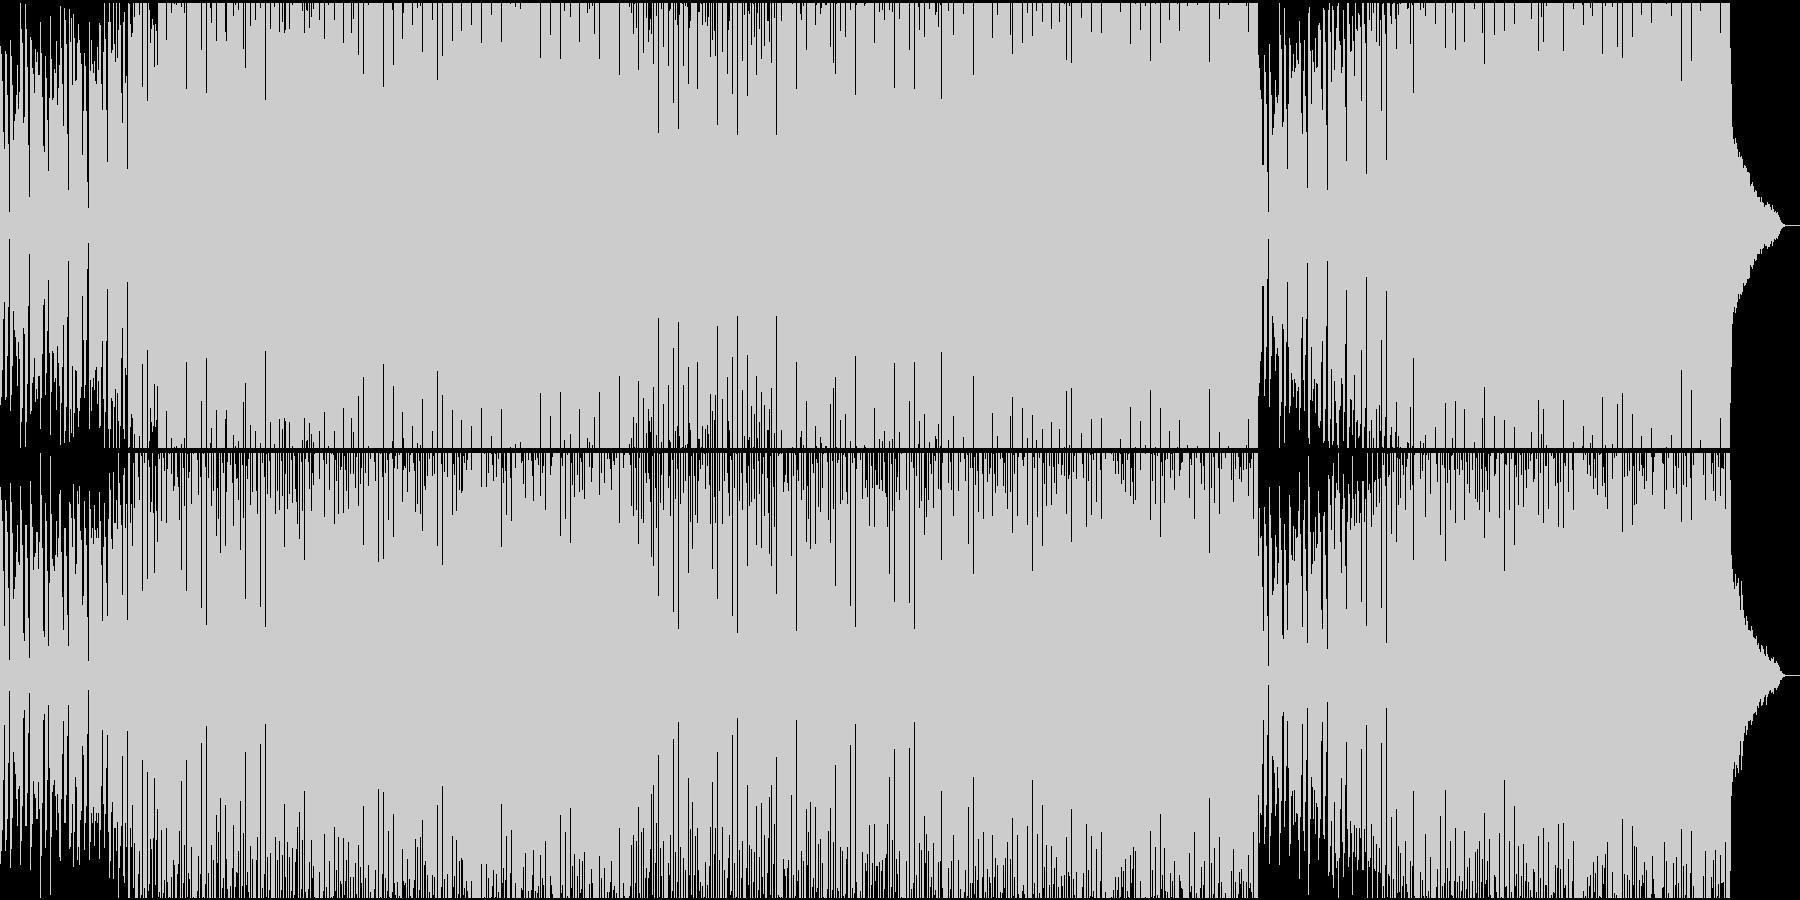 ノリノリなディスコの未再生の波形